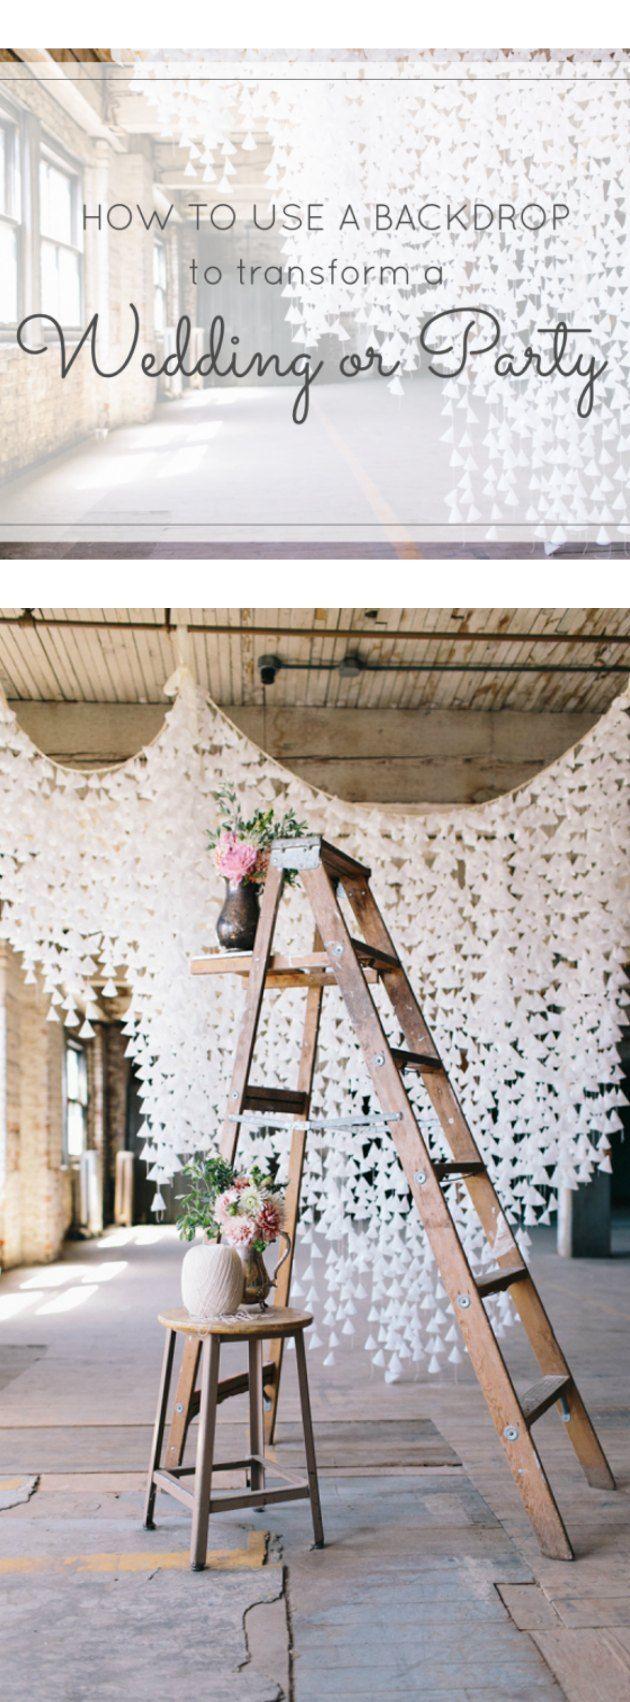 How a Backdrop Can Transform a Wedding or Party (Plus, a DIY Wax Paper Backdrop) | DIY wedding decor | wedding decor tips | tips for decorating your wedding | DIY wedding ideas || Glitter, Inc.